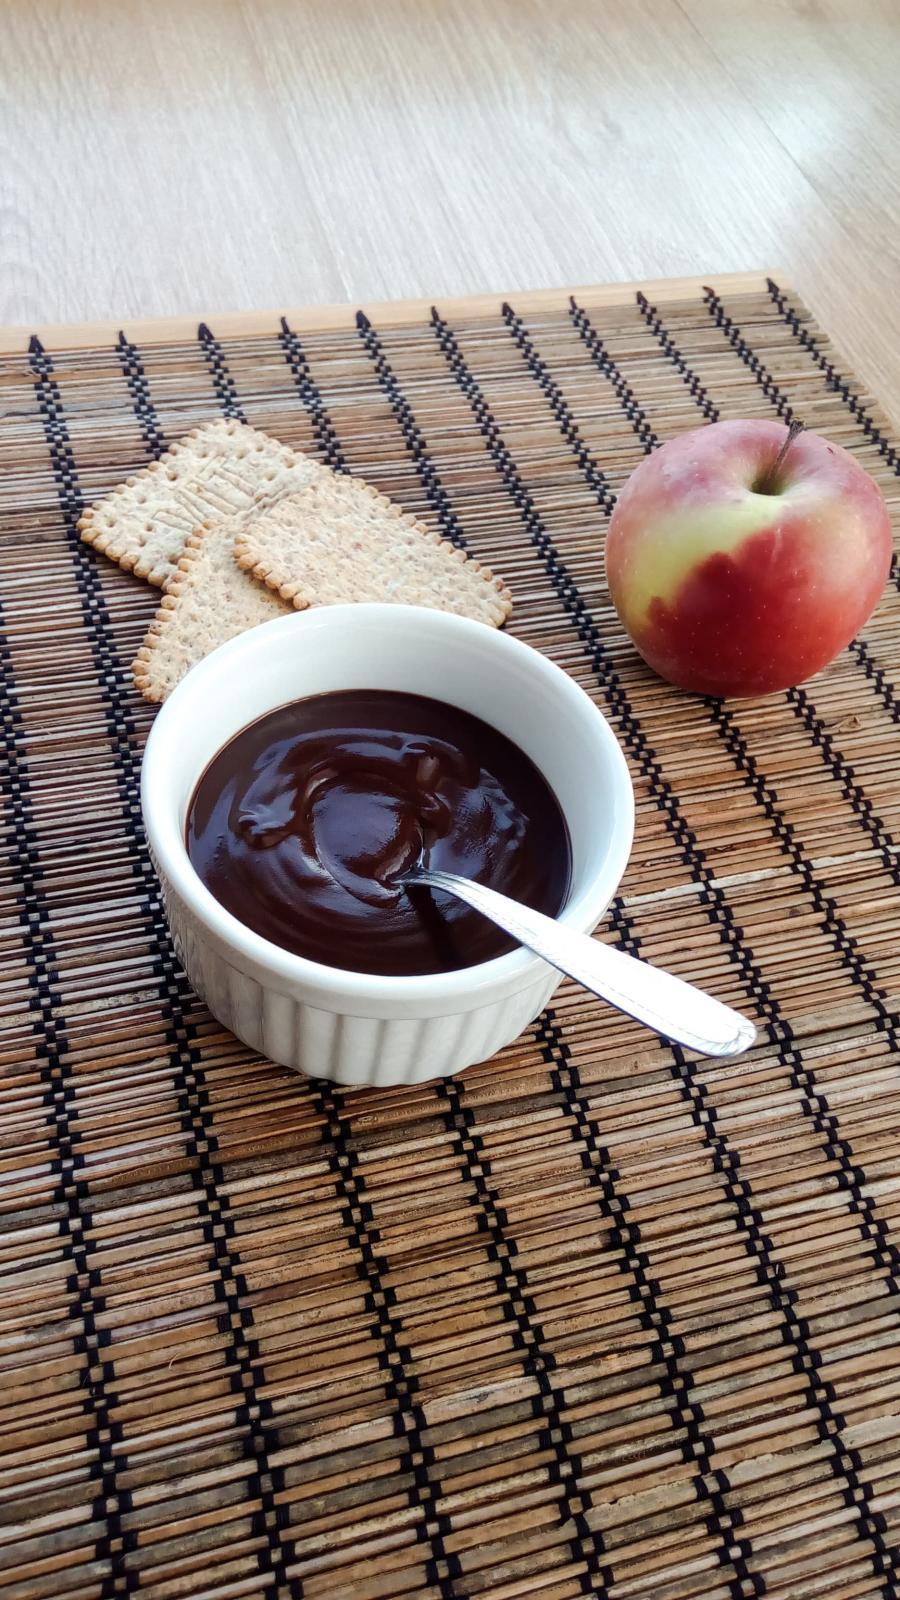 Csoki öntet recept, avagy csoki öntet készítése házilag